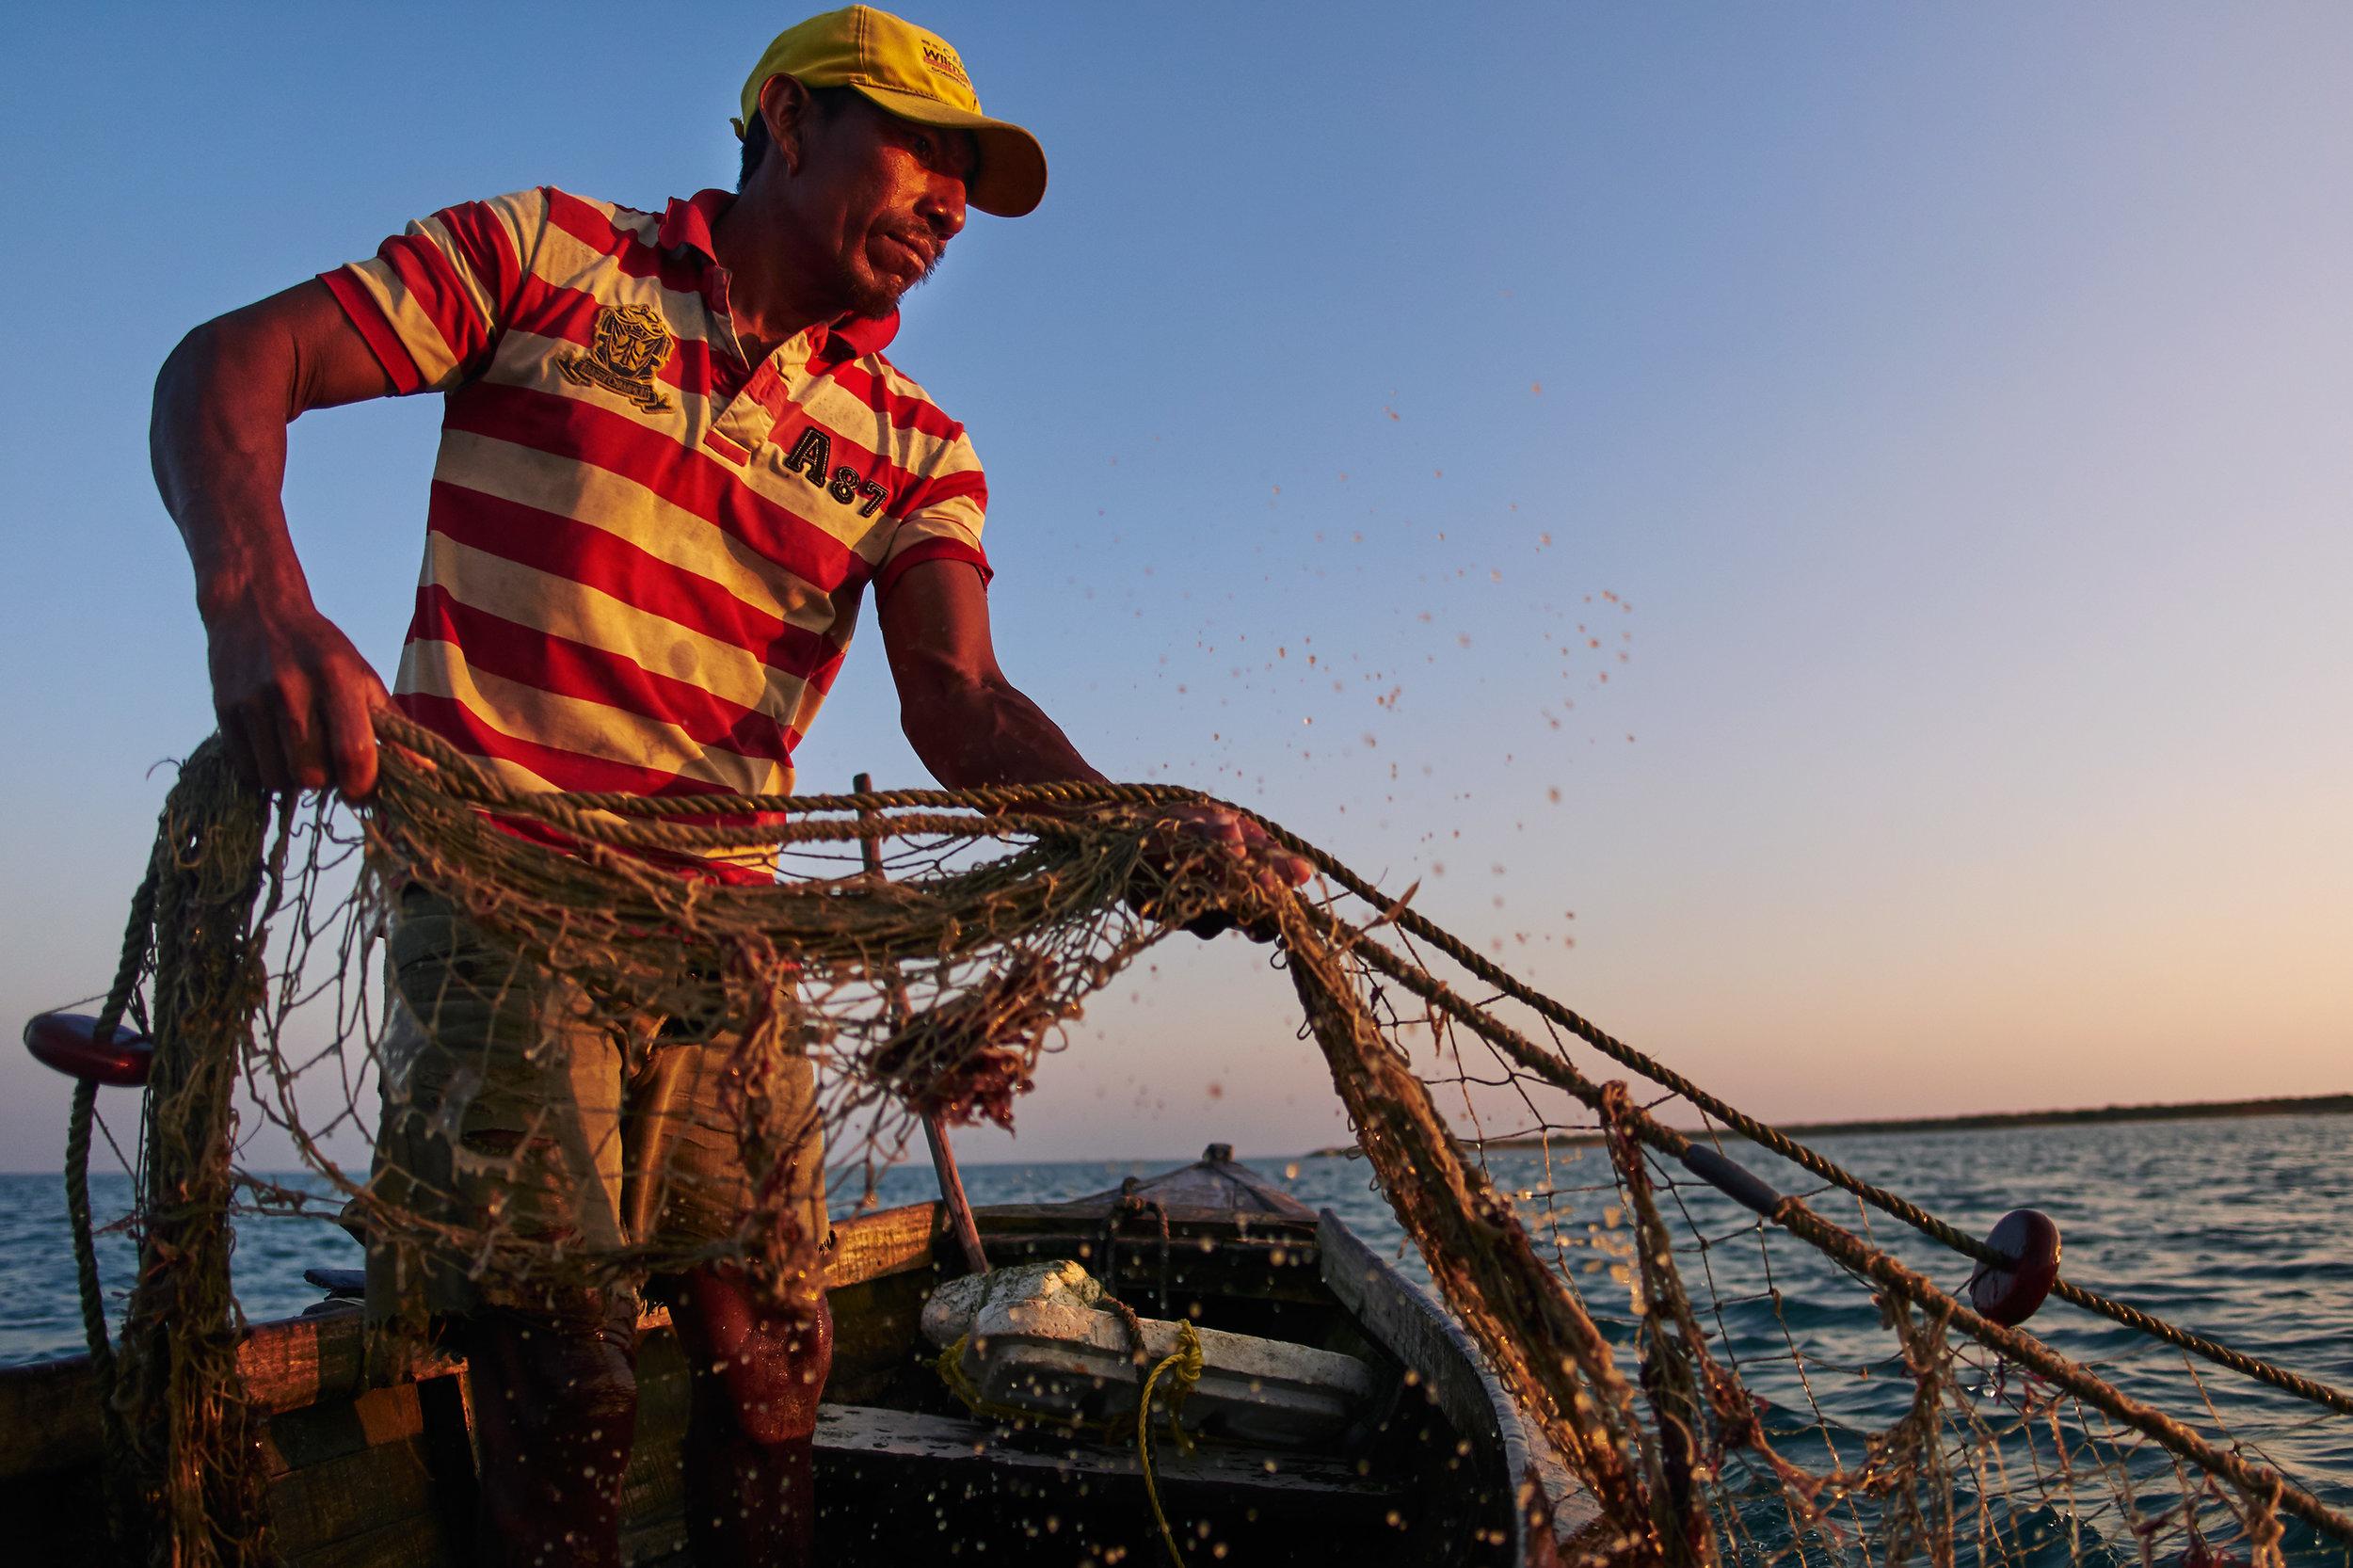 Wayuu fisherman pulling out fish